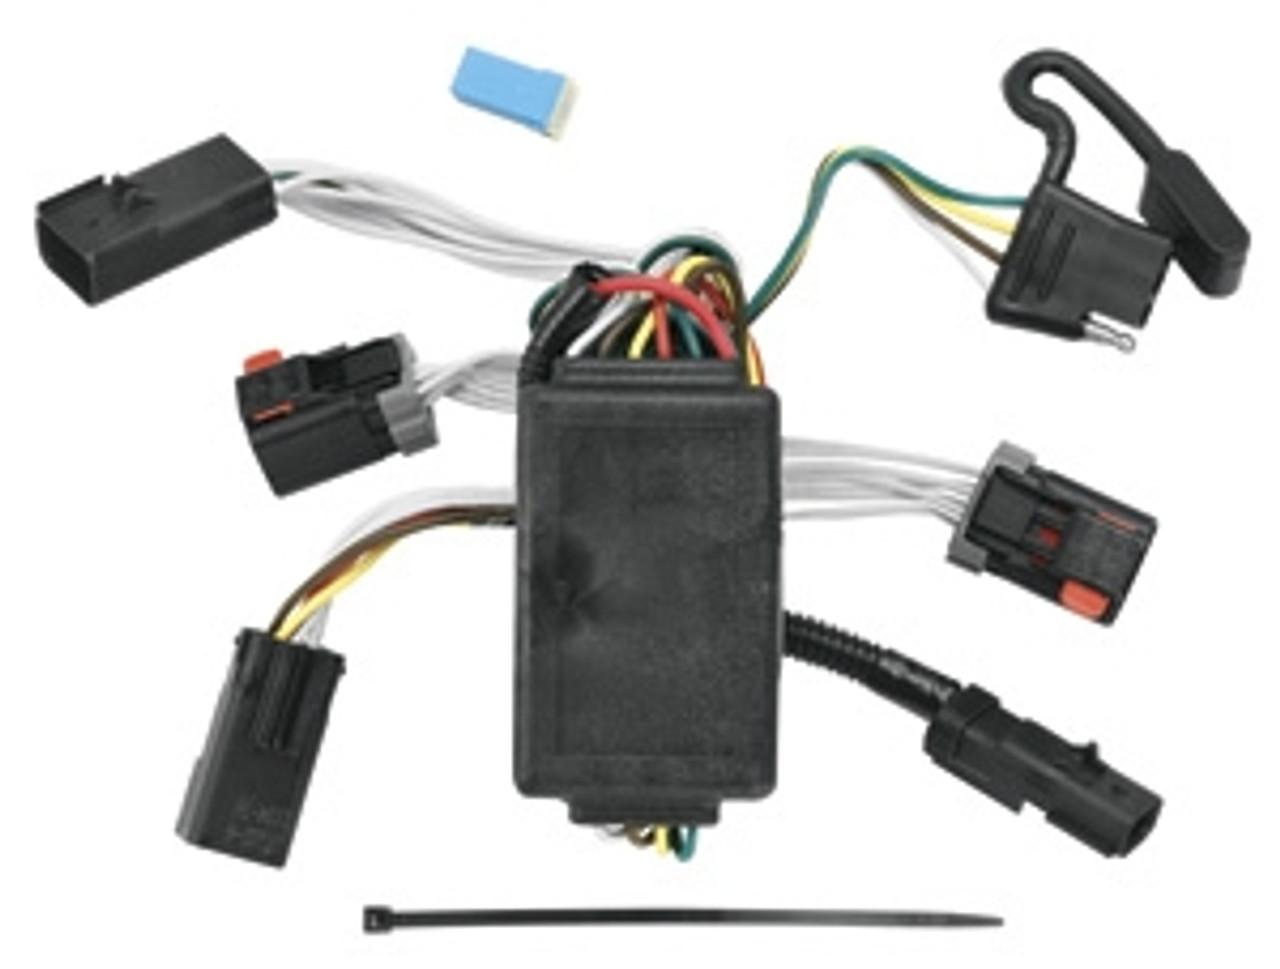 T-Connectors